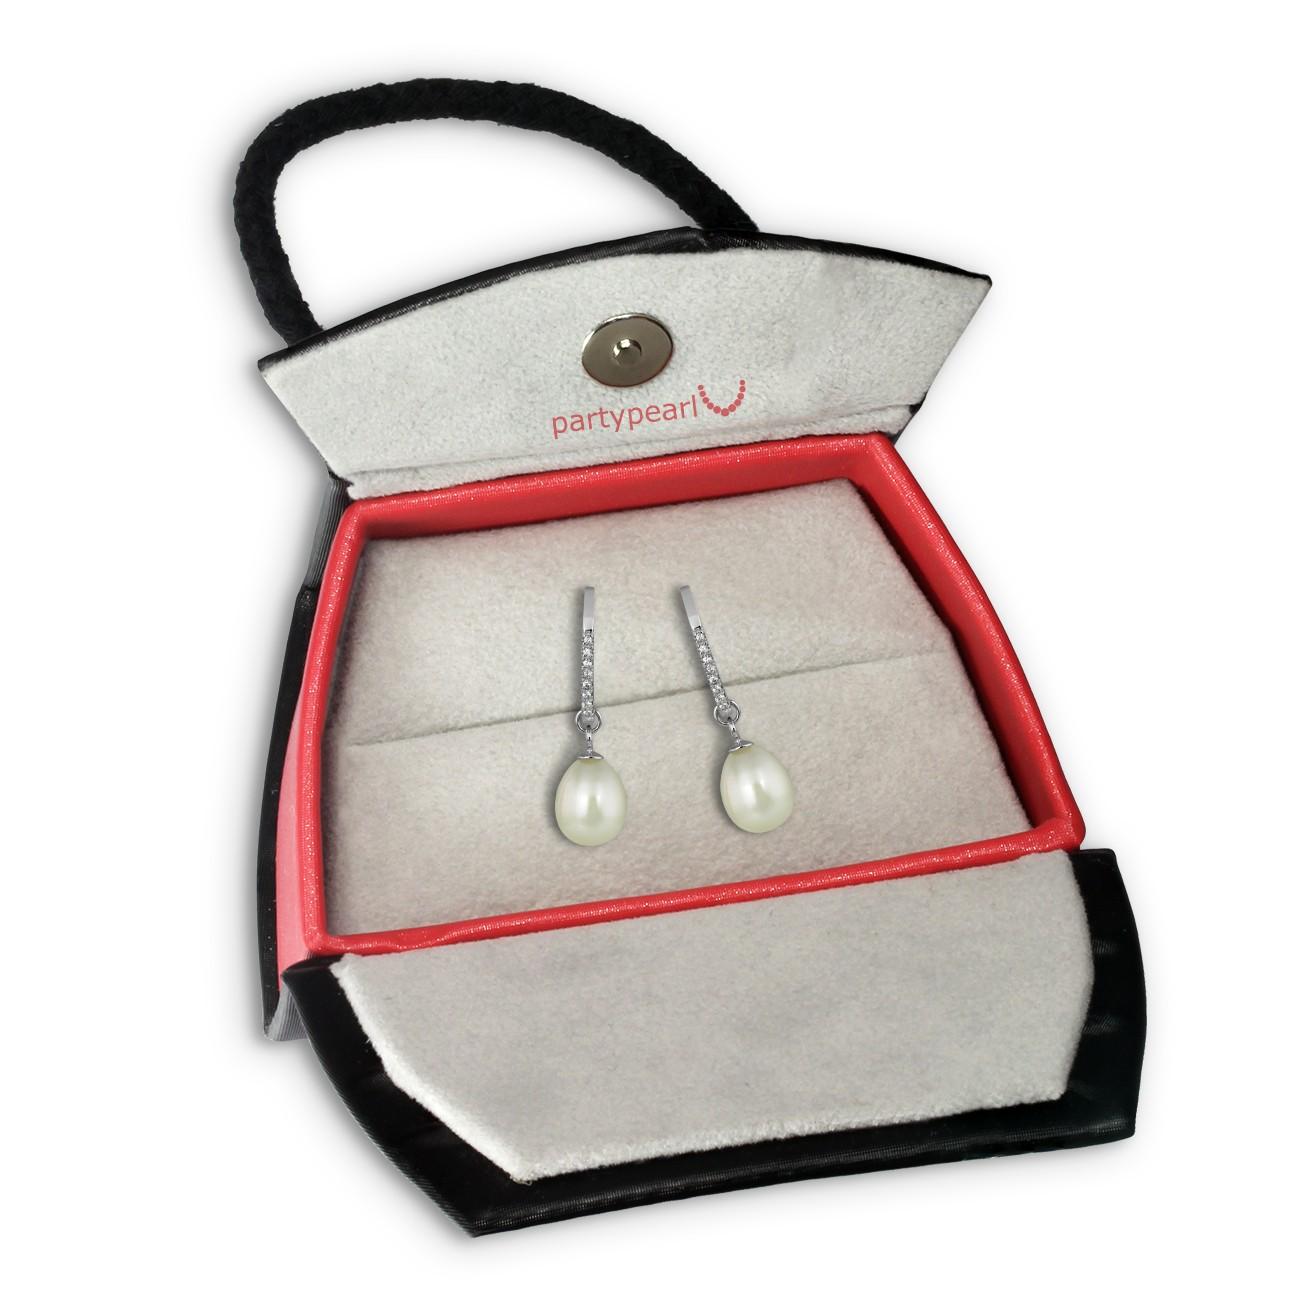 PartyPearl Schmuck Set Perlenohrhänger mit Verpackung Damen 925 Silber PPO015W8